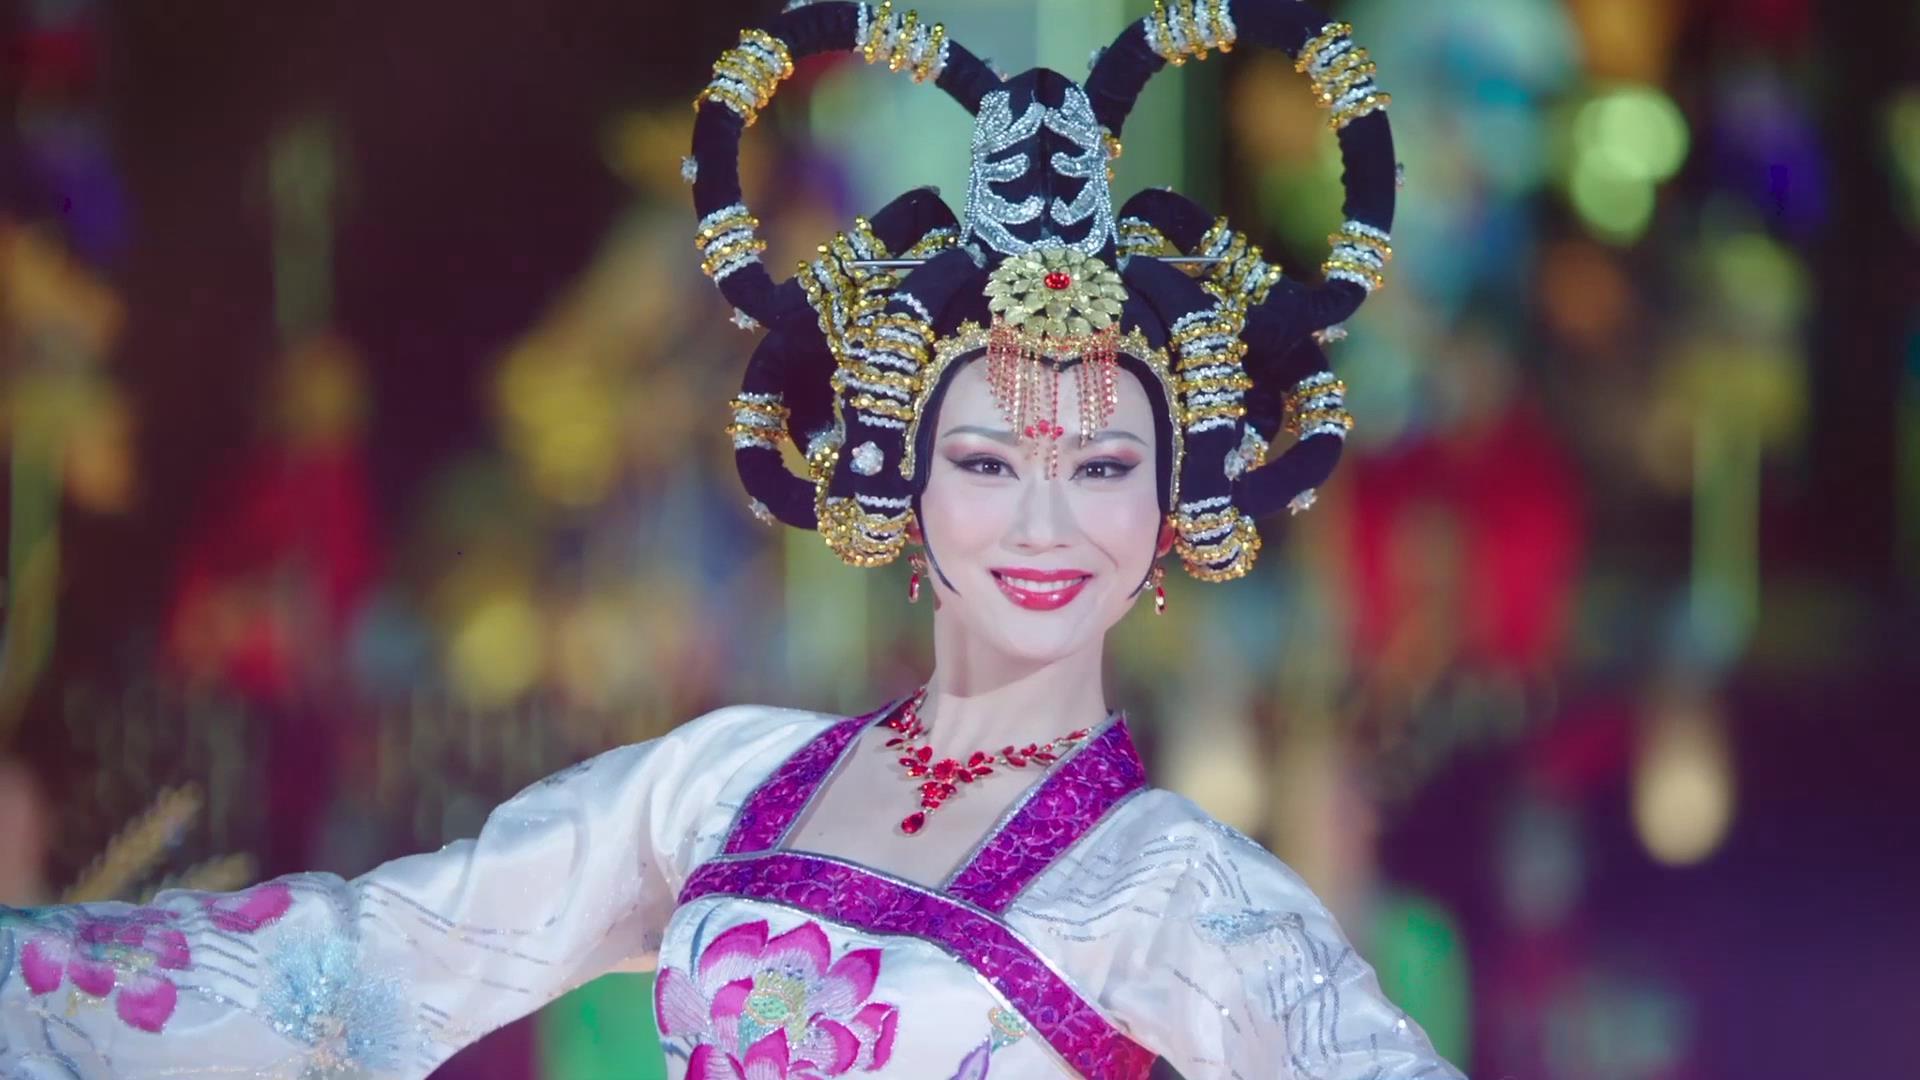 越千年 行知陕旅--故事里的陕旅